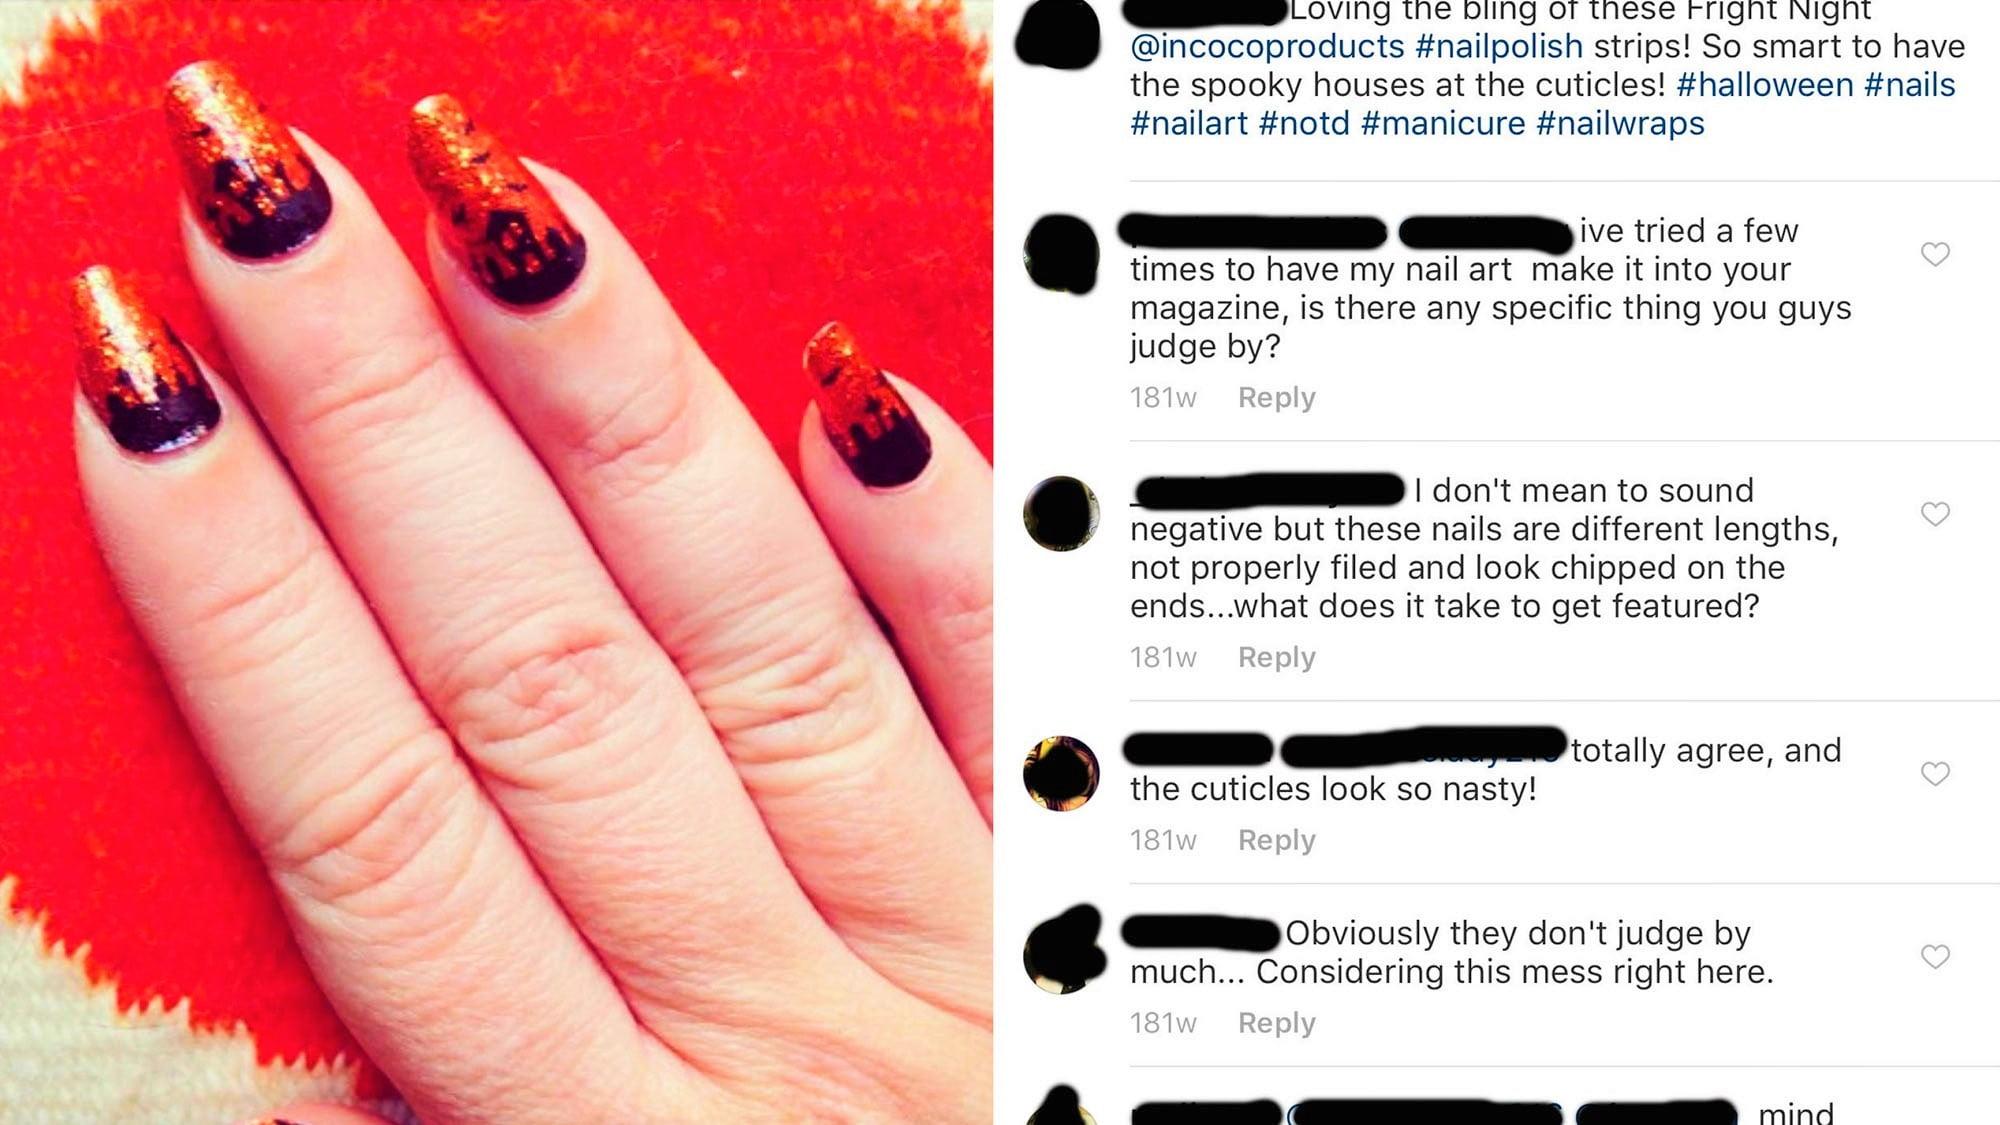 Quấy rối trên Instagram: 5 Mẹo giúp thương hiệu đối phó.